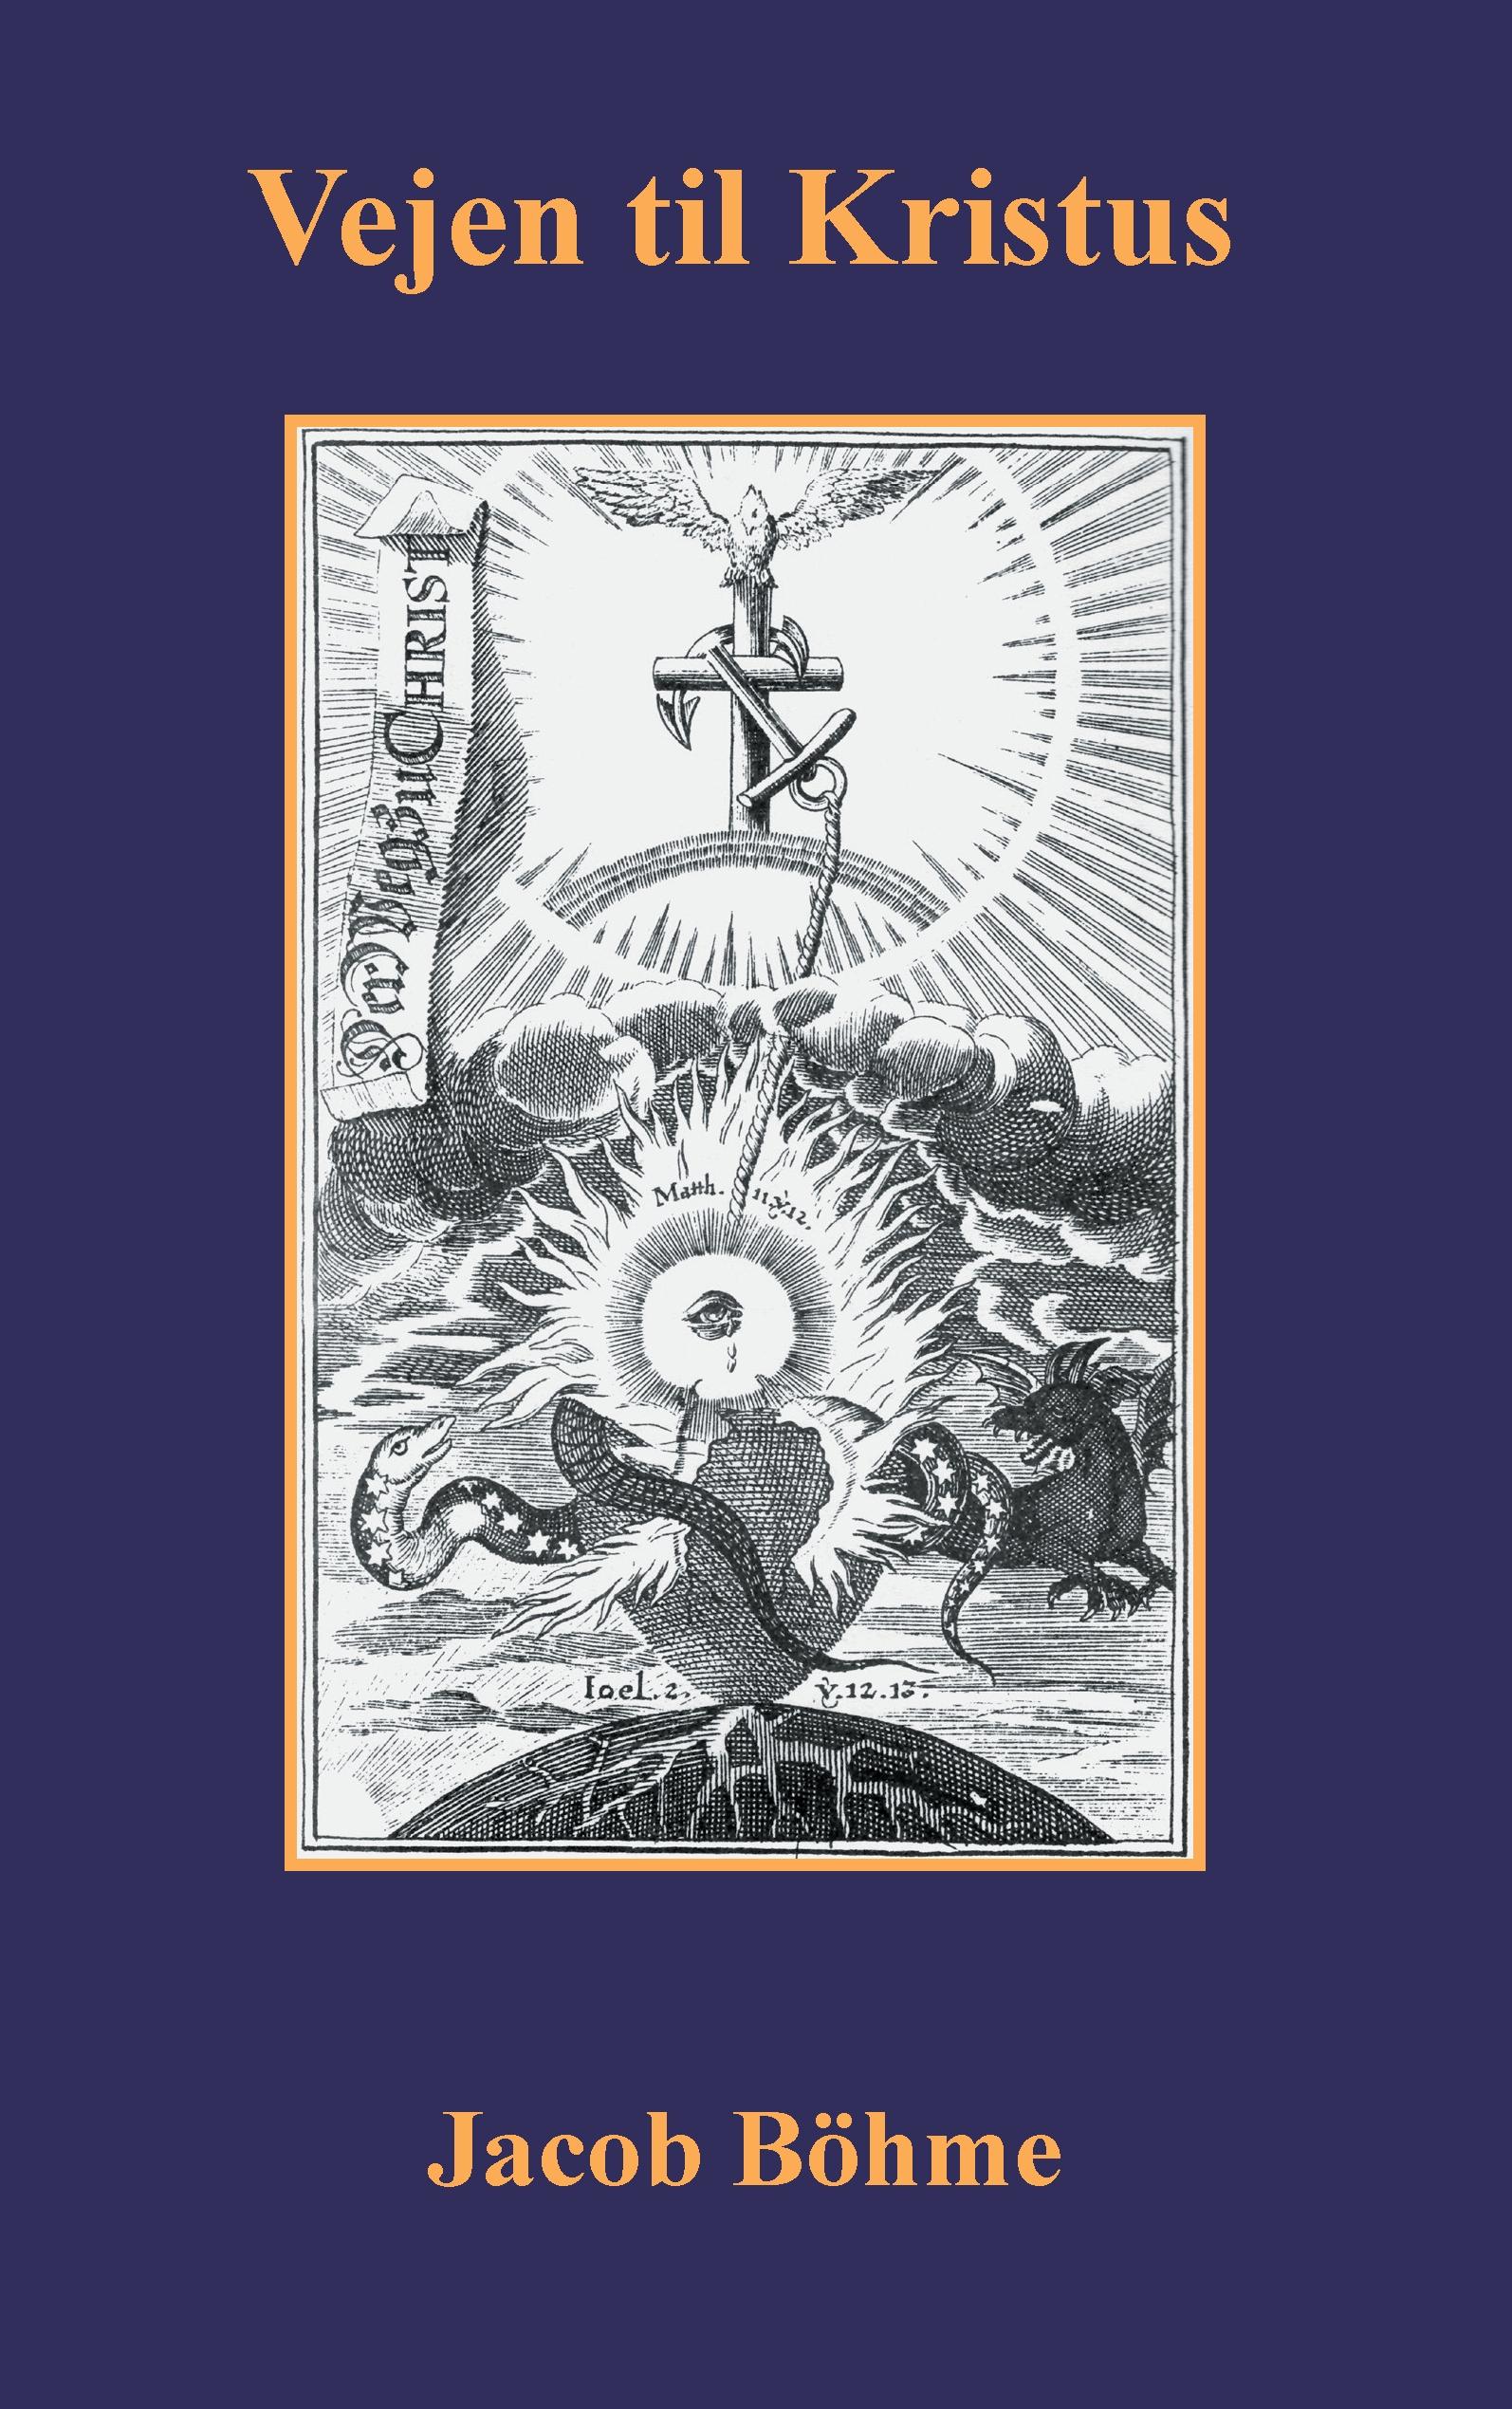 N/A Vejen til kristus - e-bog på bog & mystik